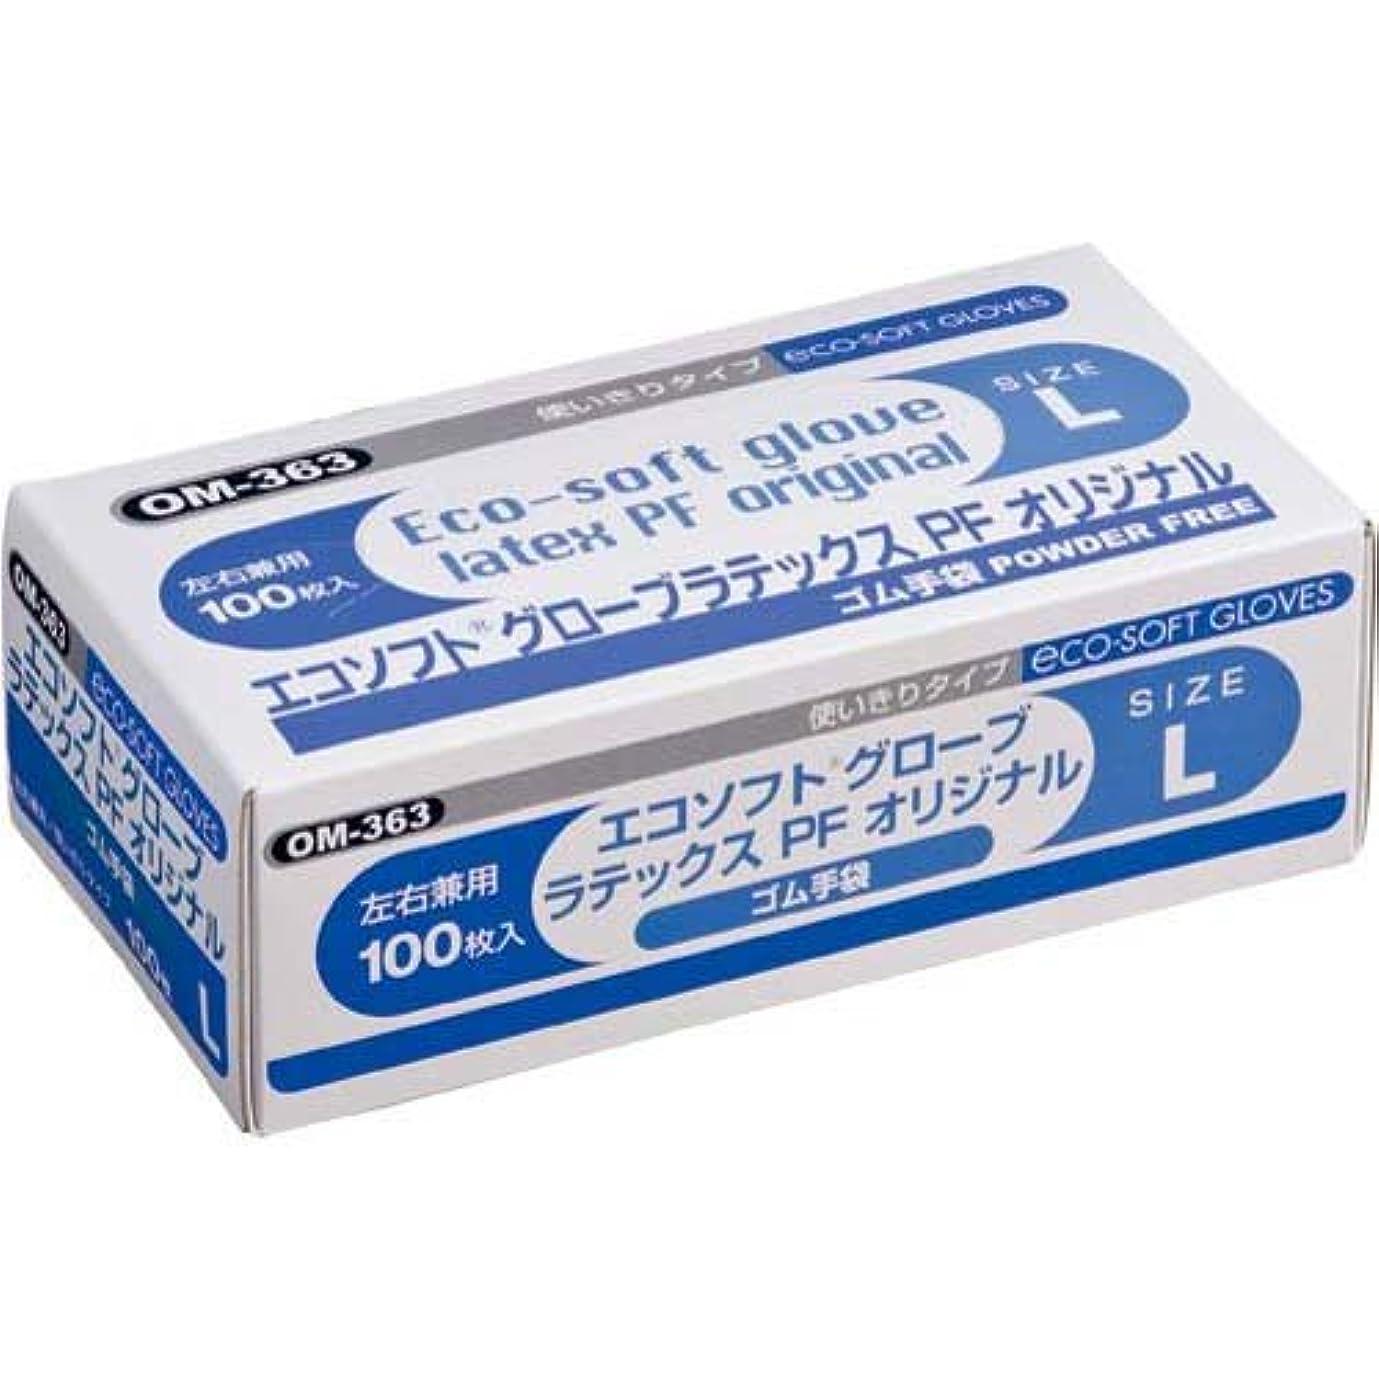 ドメイン基本的な集計オカモト エコソフト ラテックス手袋 粉無 L 100枚入